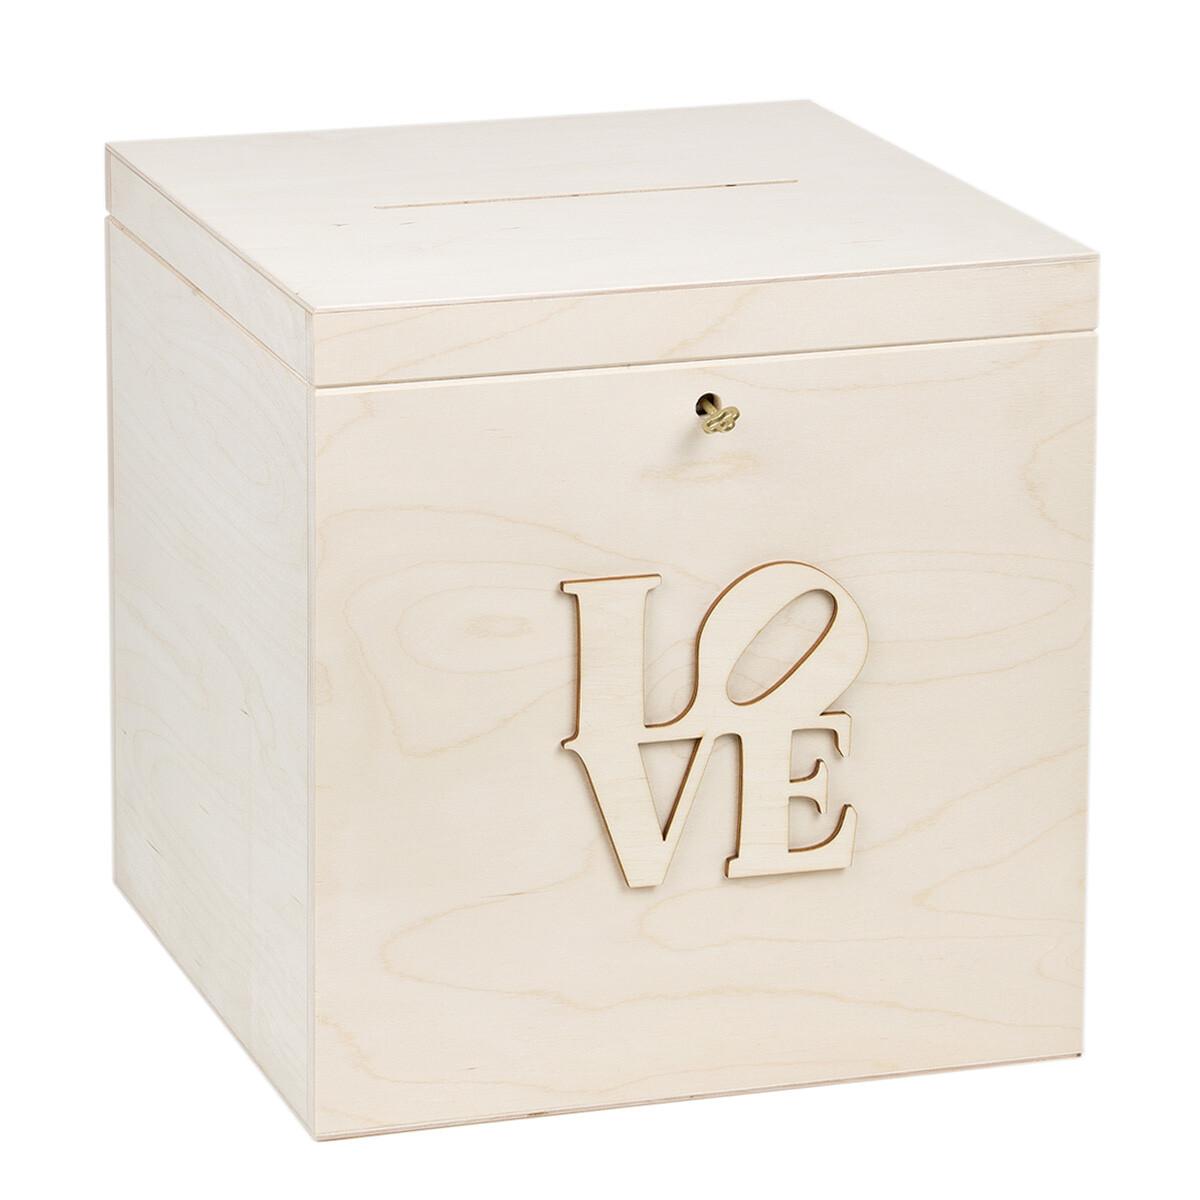 Hochzeitsbox wahlurne holz natur gedlgeschenkbox geldgeschenke - Geldgeschenke aus holz ...